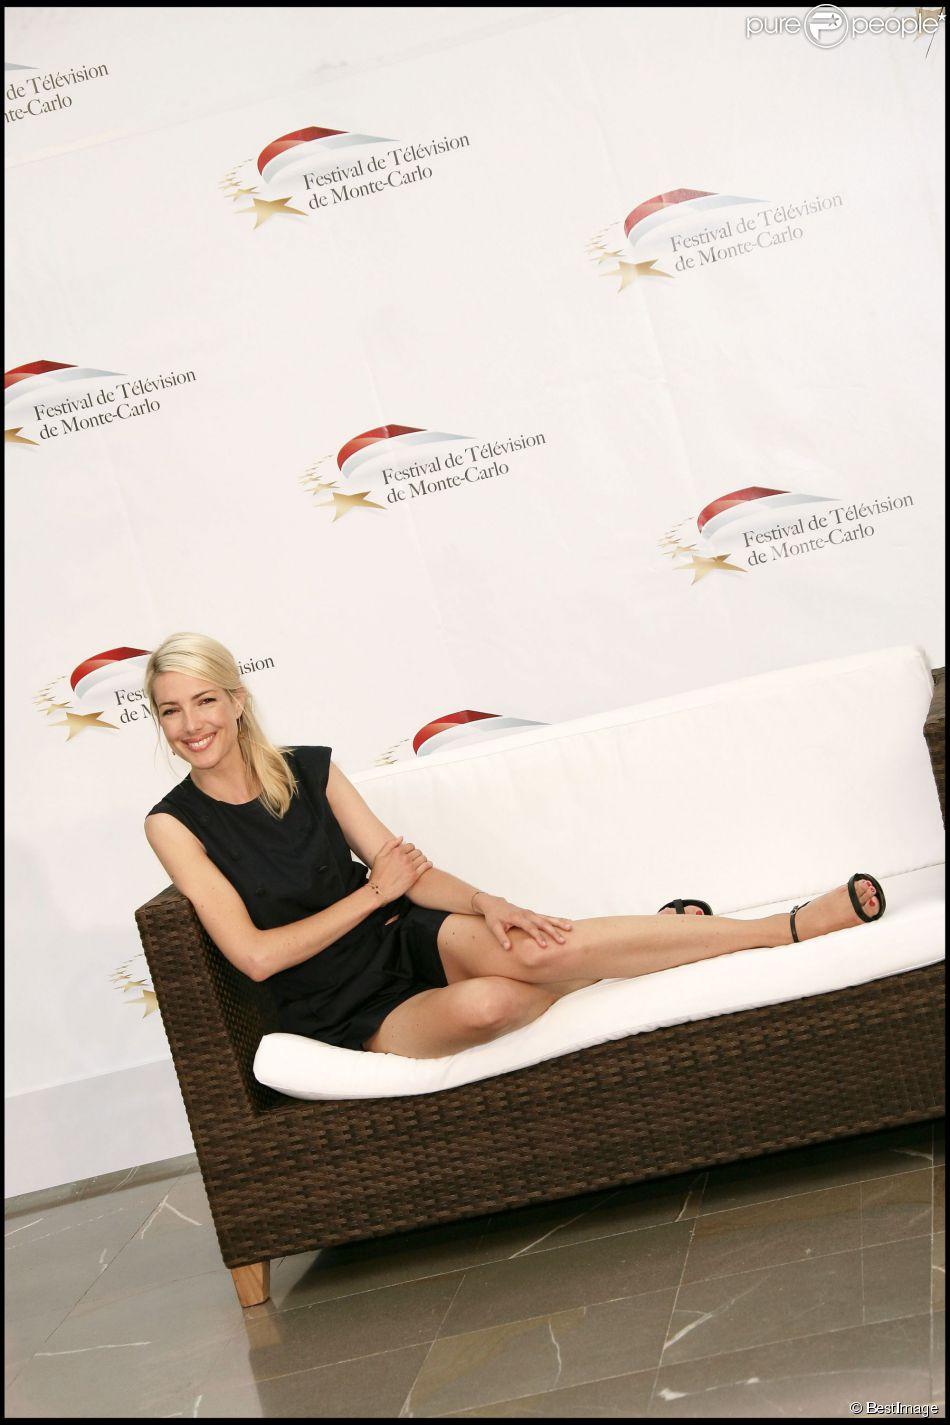 Sidonie Bonnec au 50e Festival de la télé de Monte-Carlo le 7 juin 2010 pour le magazine Enquêtes criminelles. Le 17 août 2014, l'animatrice a mis au monde son premier enfant, une petite fille.